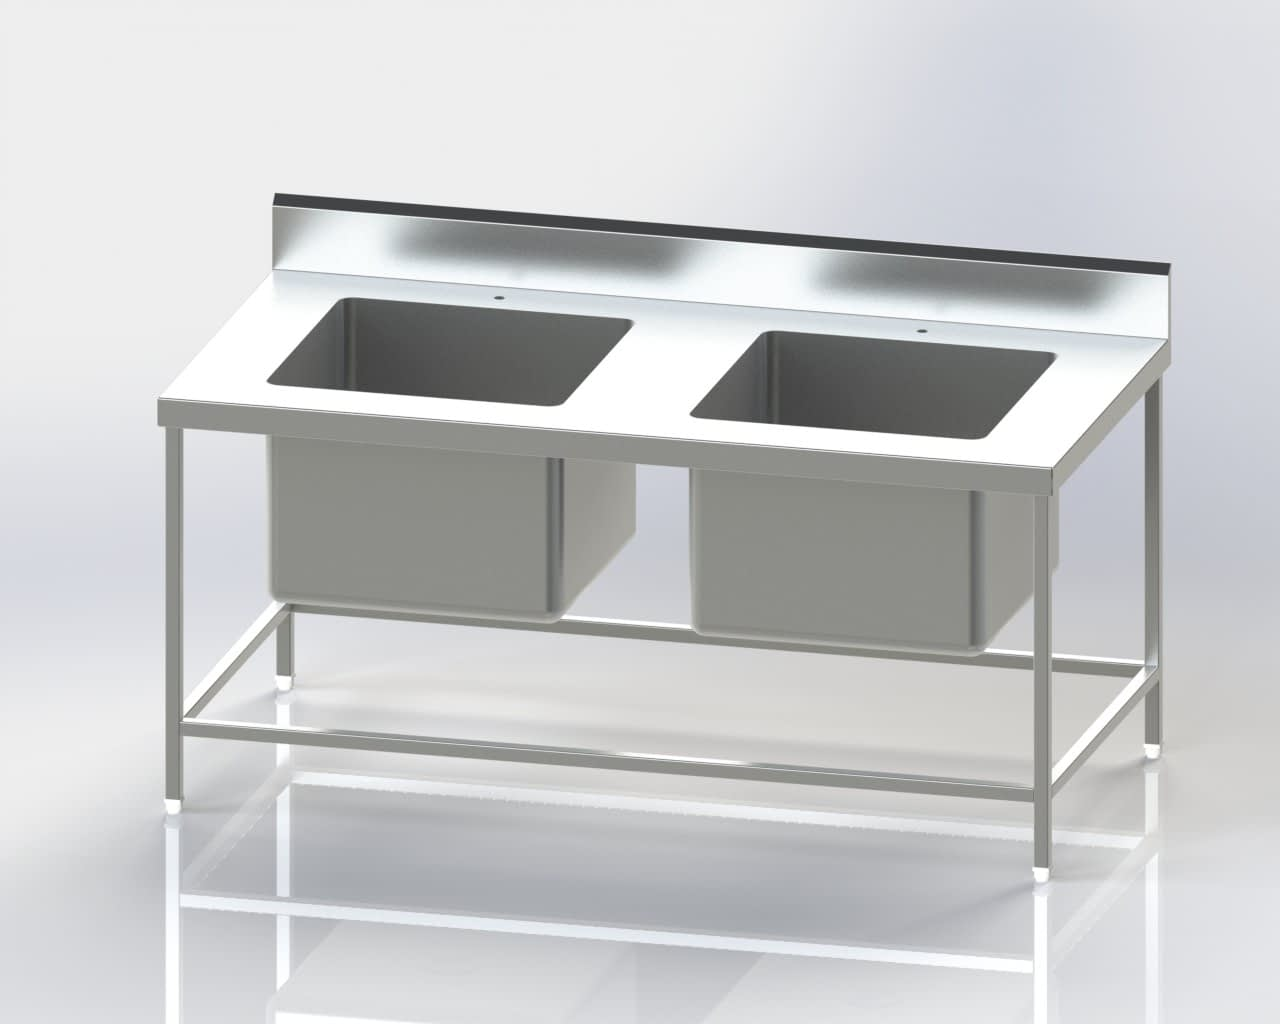 Two Sink Pot Wash Unit